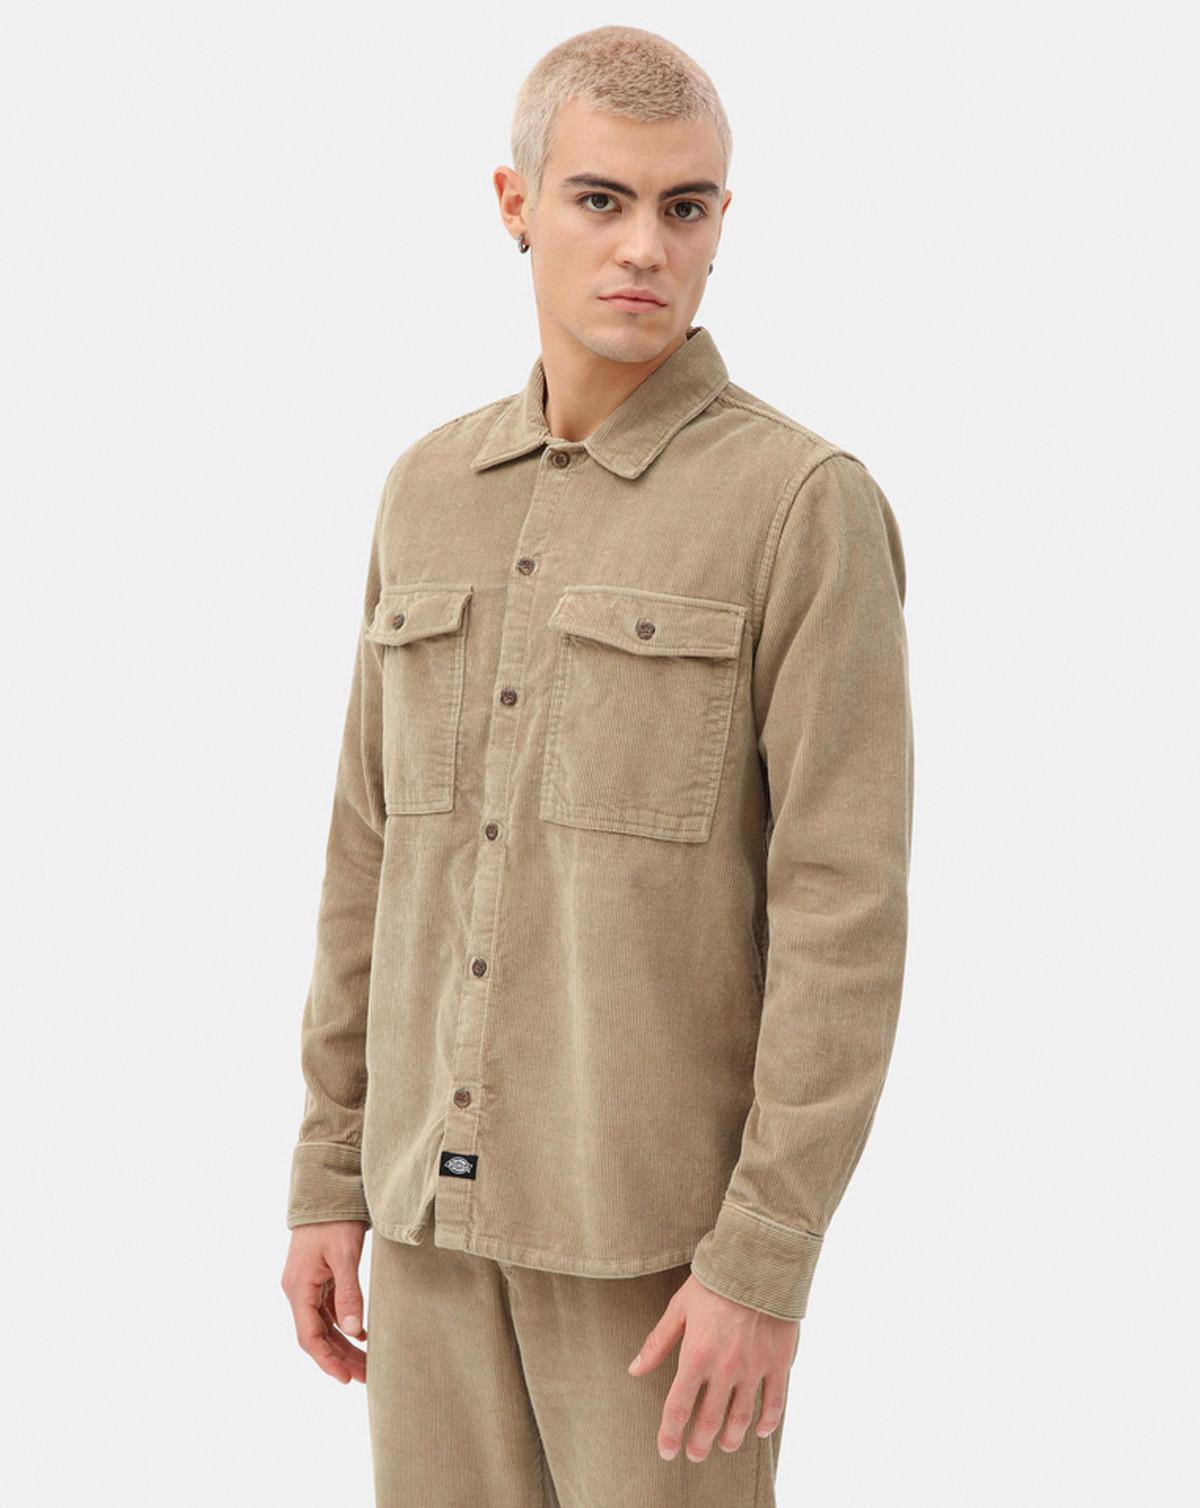 Dickies Fort Polk Shirt (Khaki, XL)